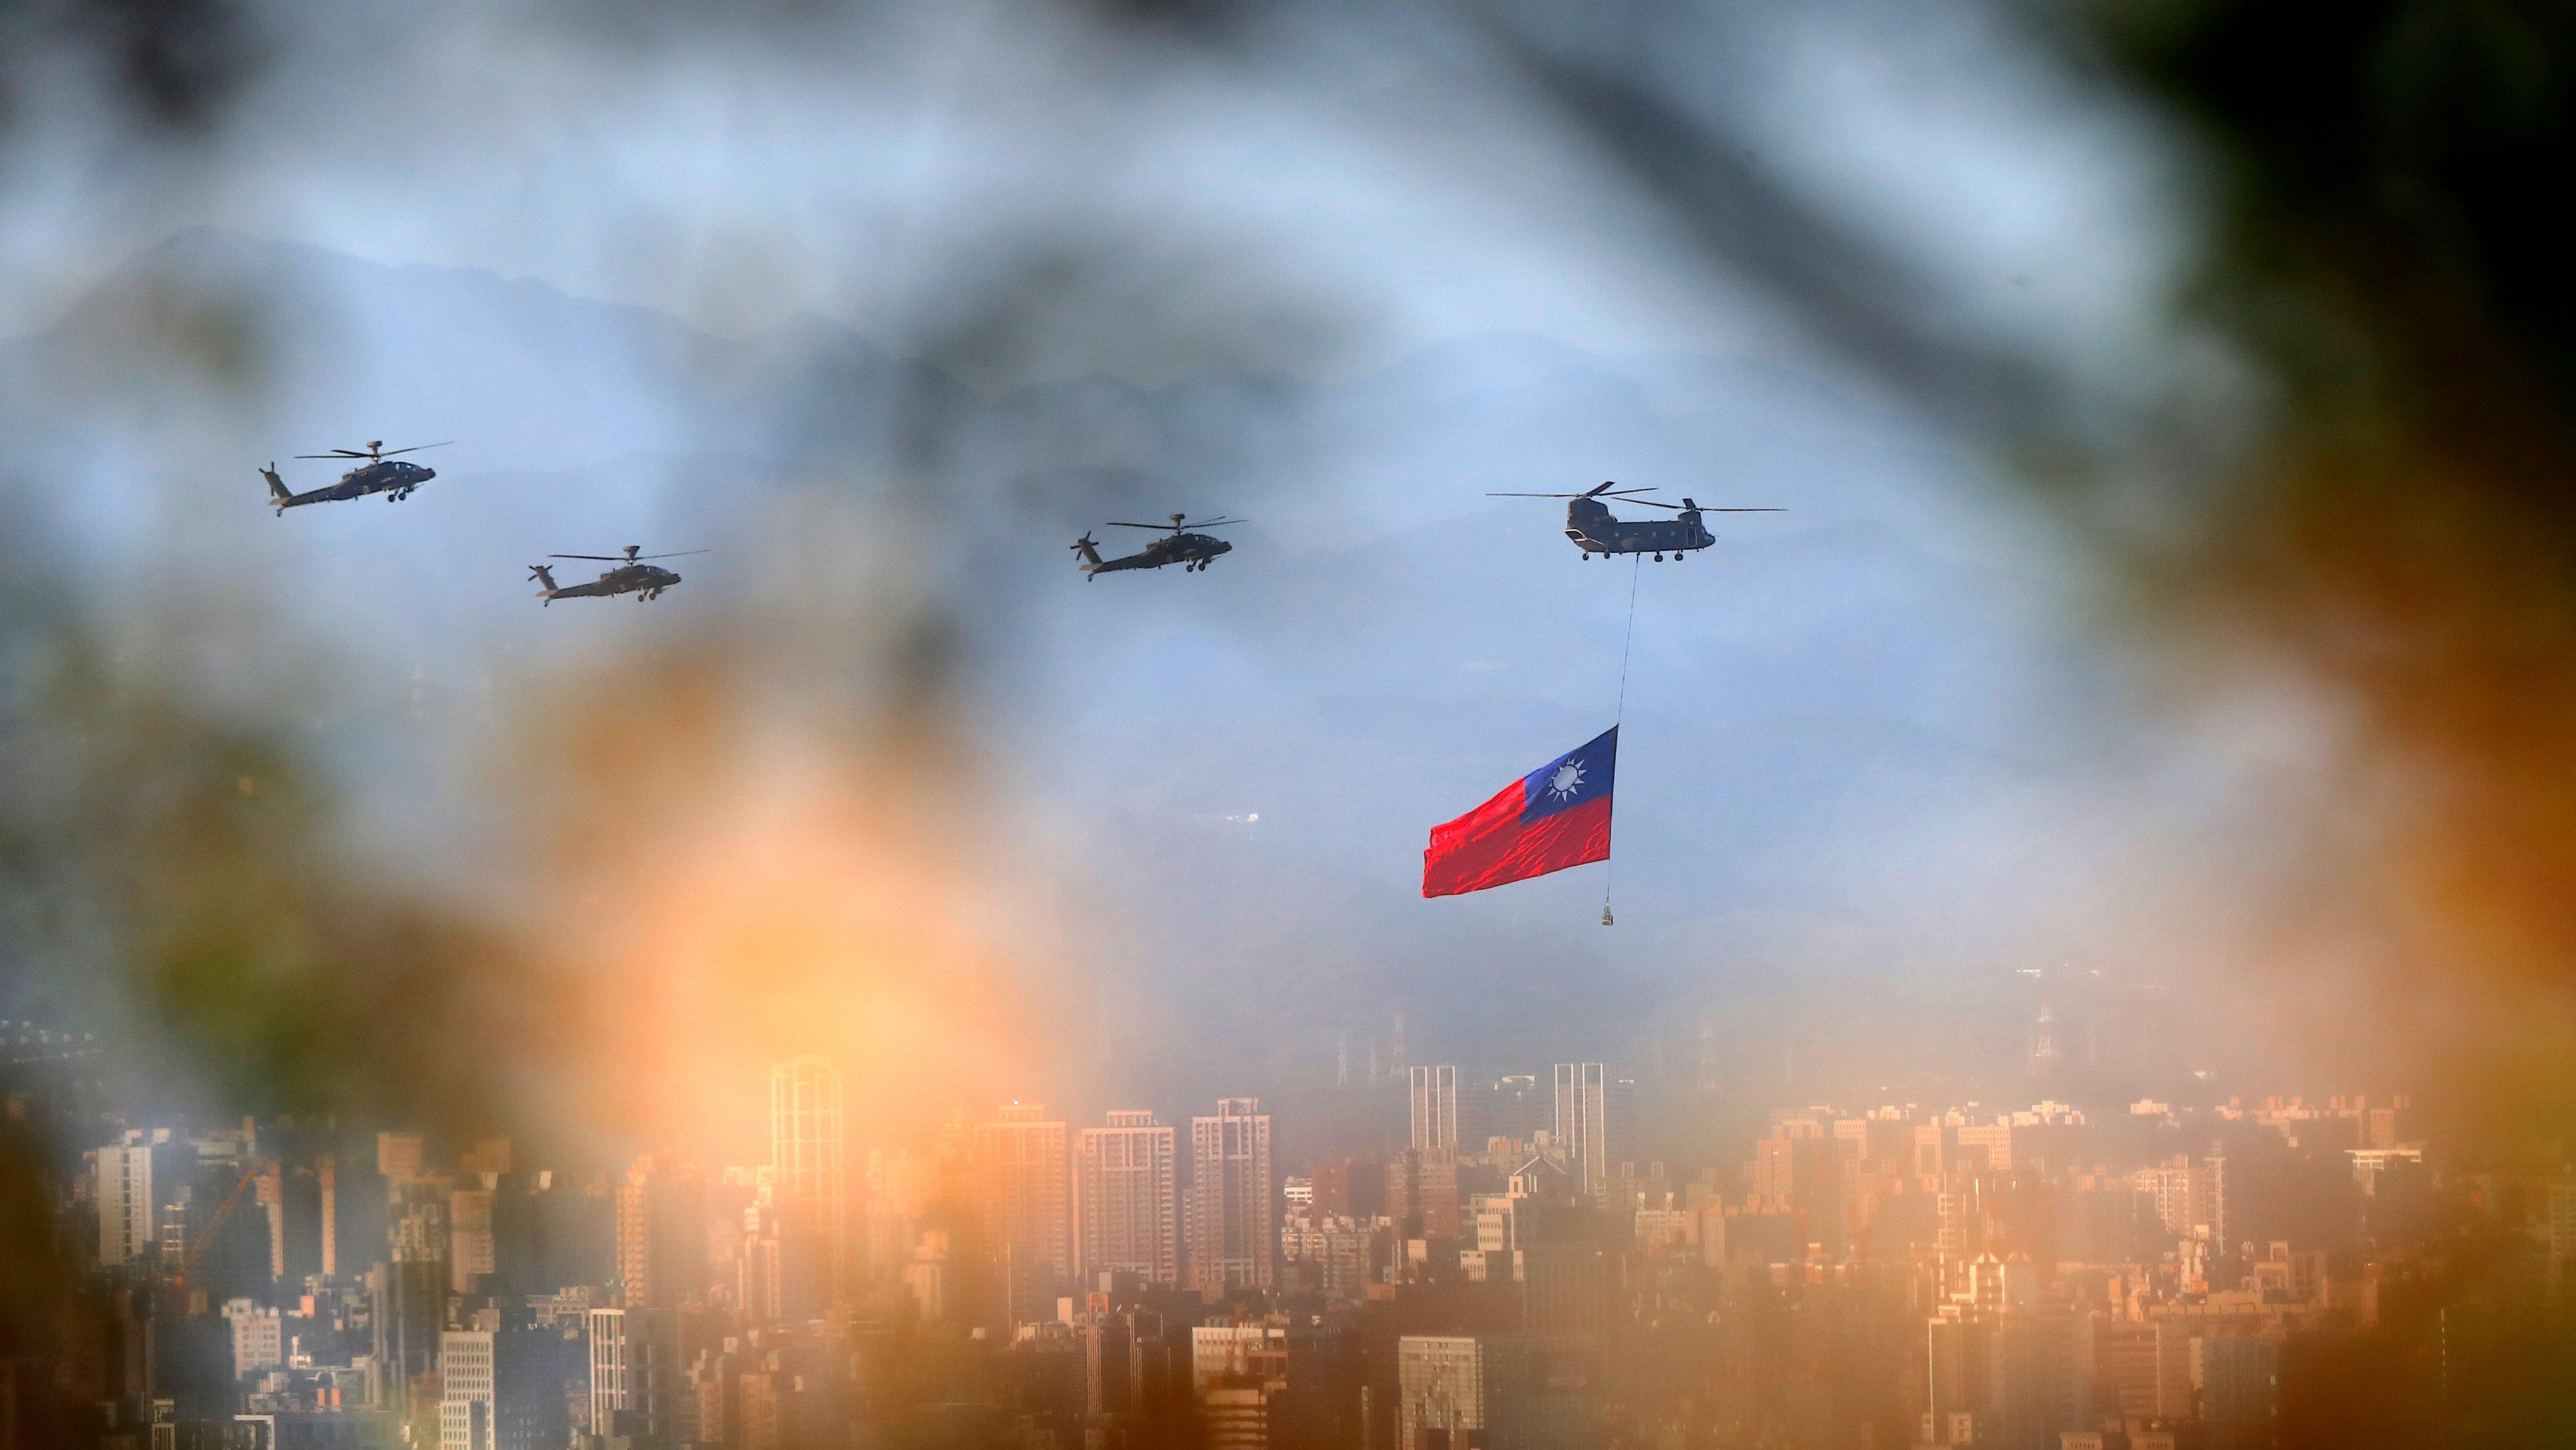 Taiwan: Military Huge Flag Flyover Amid China's Rising Threats